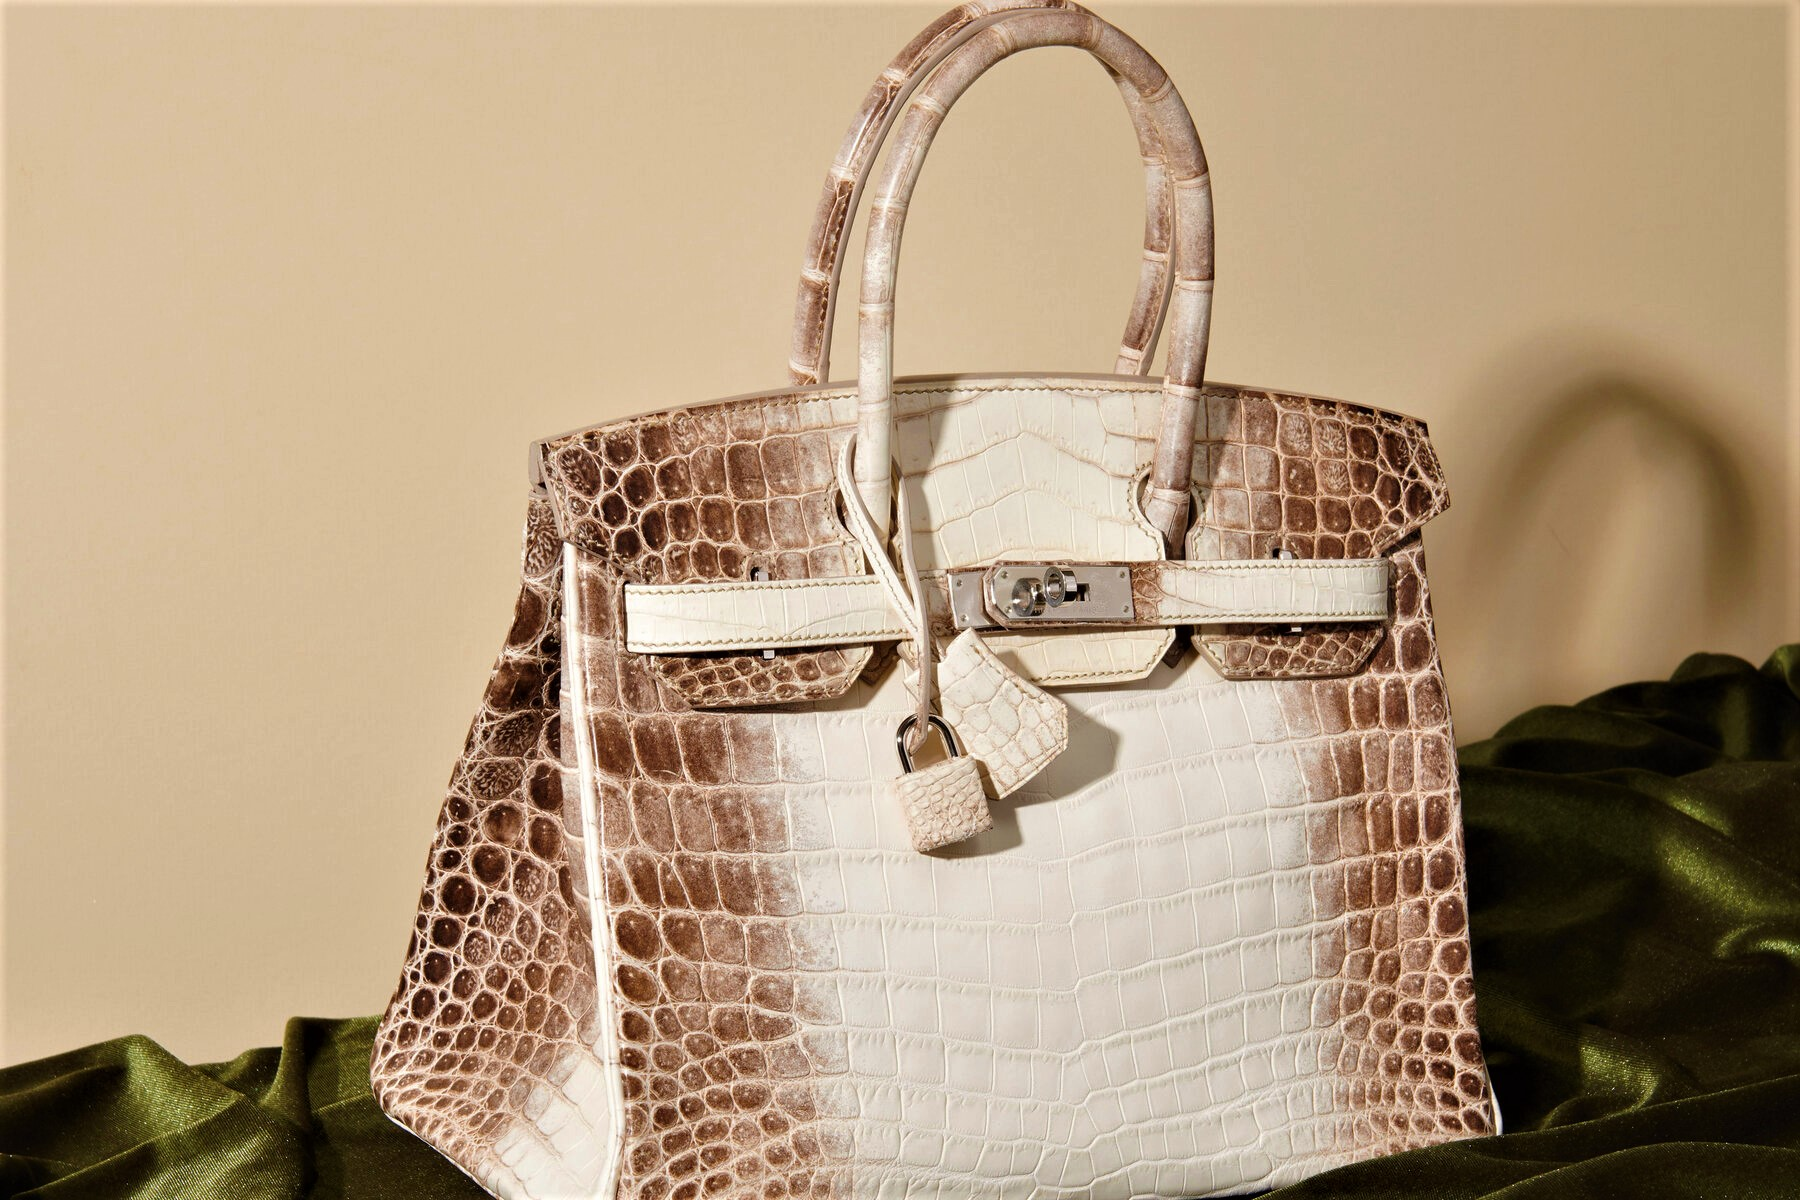 Продать сумку Hermes – образец совершенства и несменяемости моды